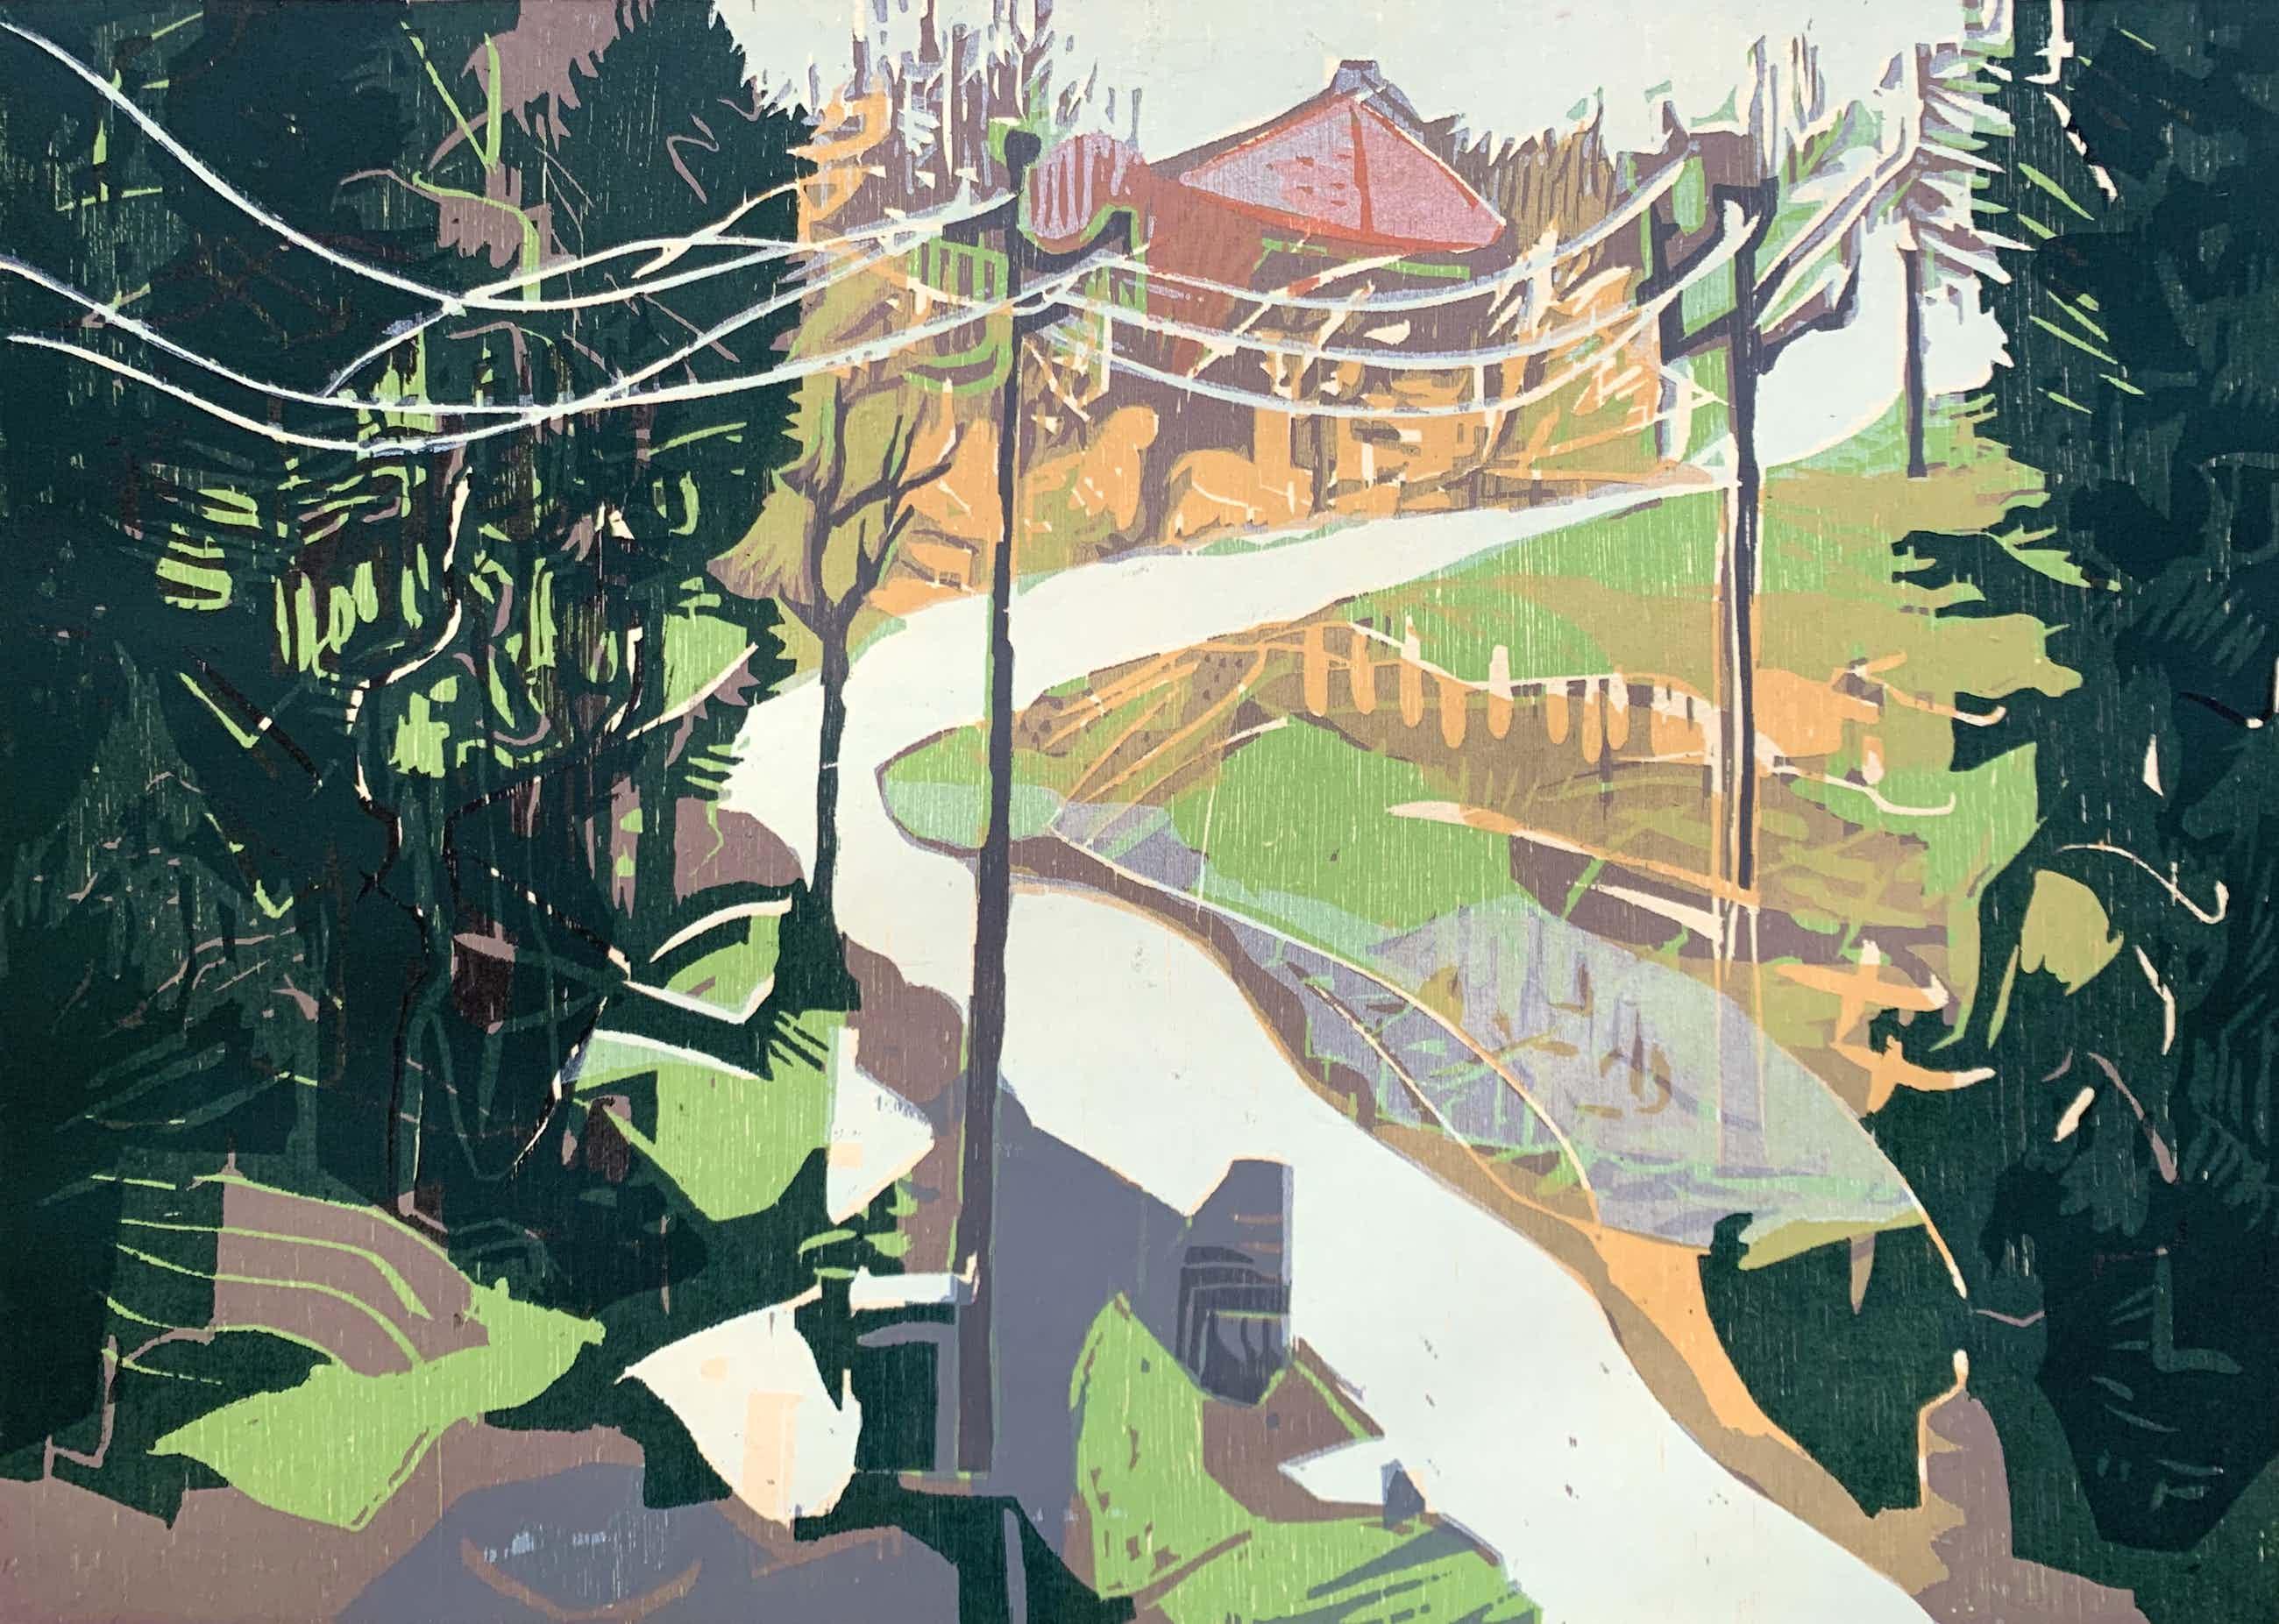 Vincent van Ojen - kleurenhoutsnede - 'Zwarte woud' - 1996 (Zeer kleine oplage) kopen? Bied vanaf 96!